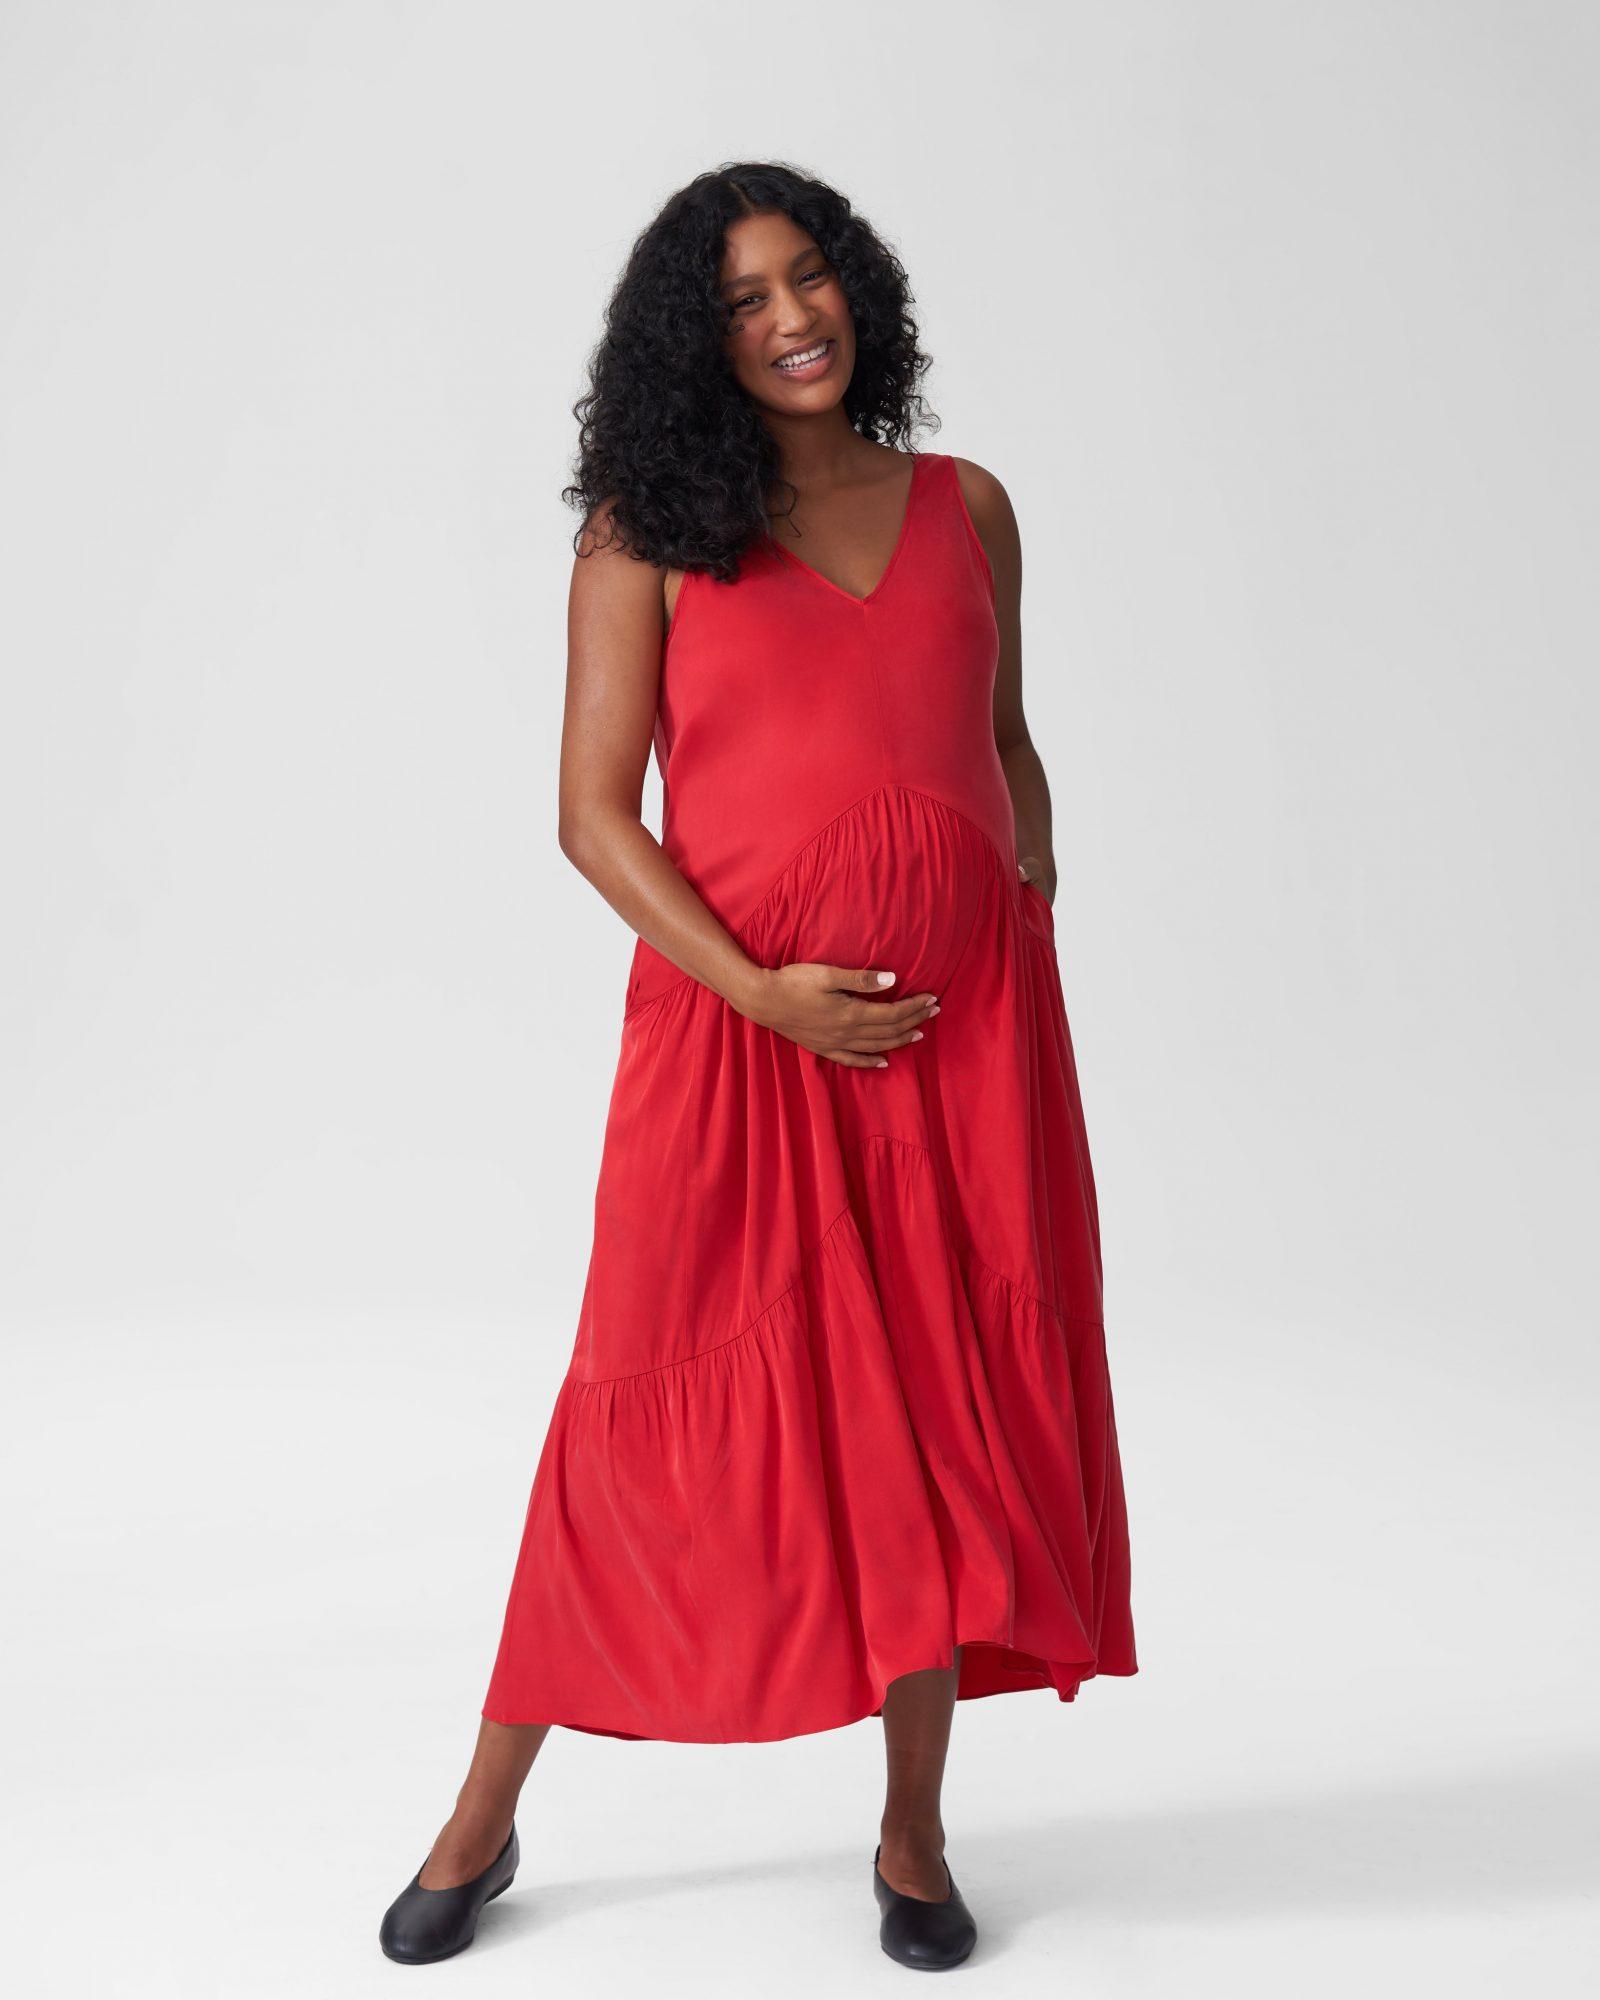 universal standard maternity maxi dress plsu size maternity clothing